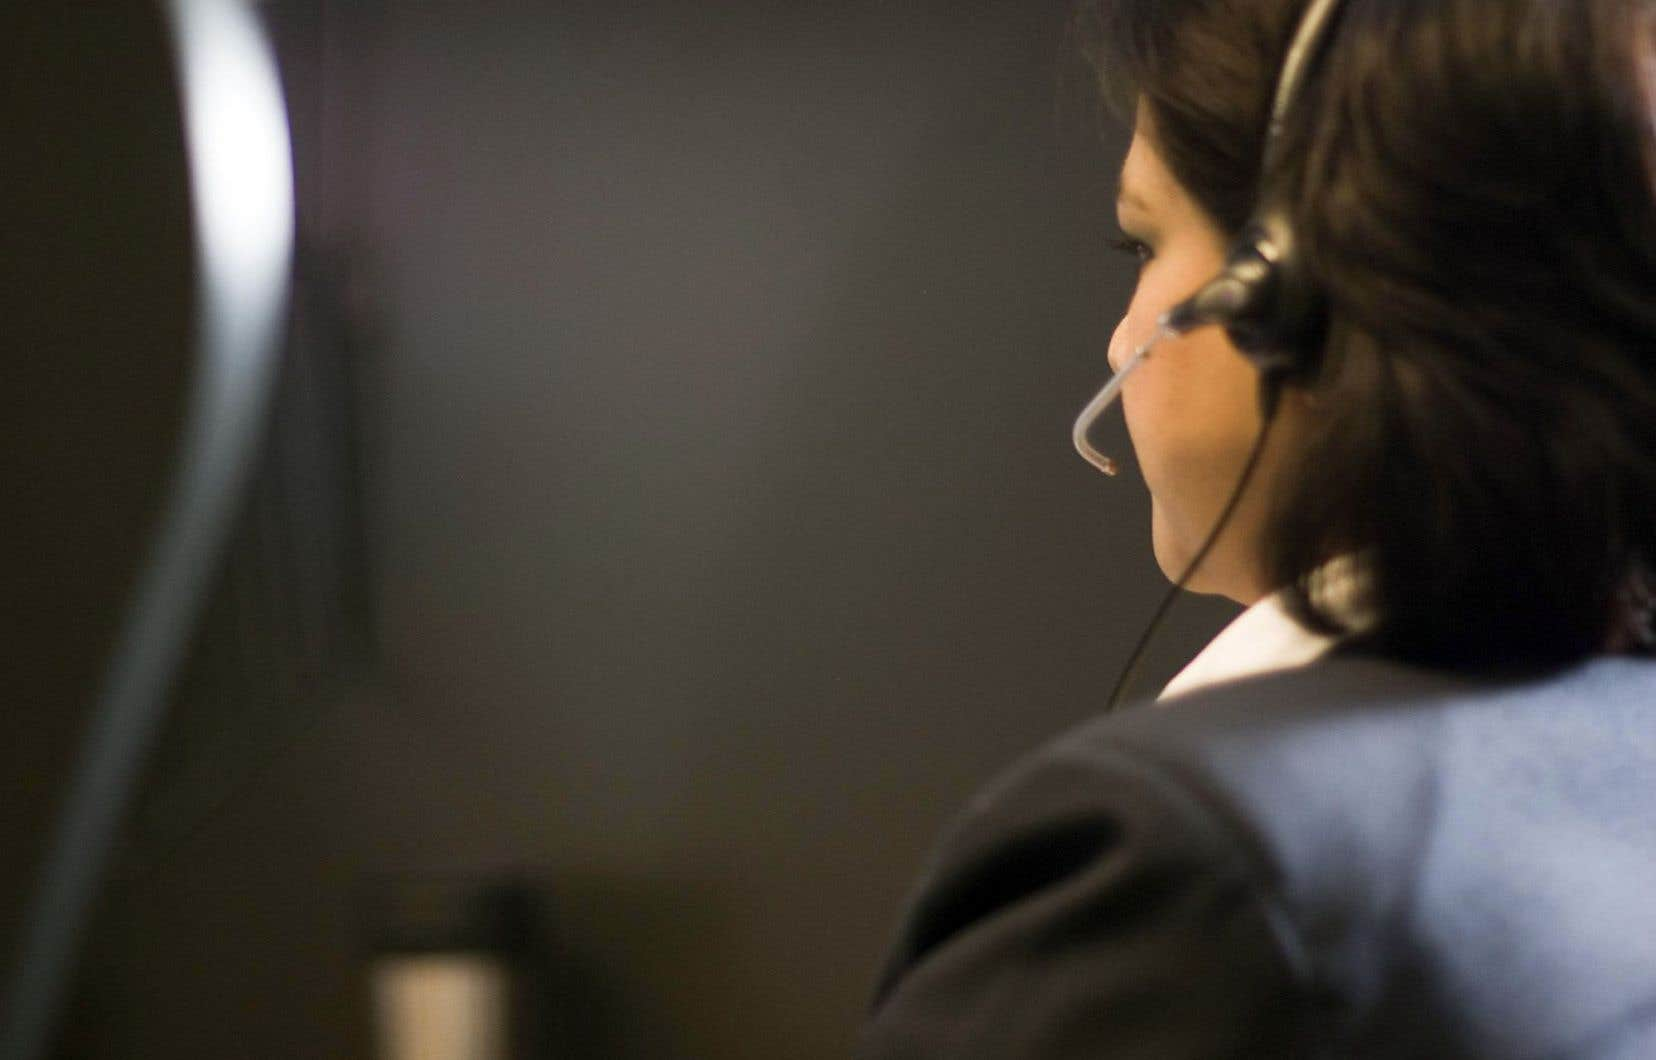 «Environ 6% de la main-d'œuvre québécoise est payée au salaire minimum. Parmi ces personnes, 90% ne sont pas syndiquées et 60% sont des femmes», précise Mélanie Gauvin, porte-parole du Front de défense des non-syndiquéEs (FDNS).